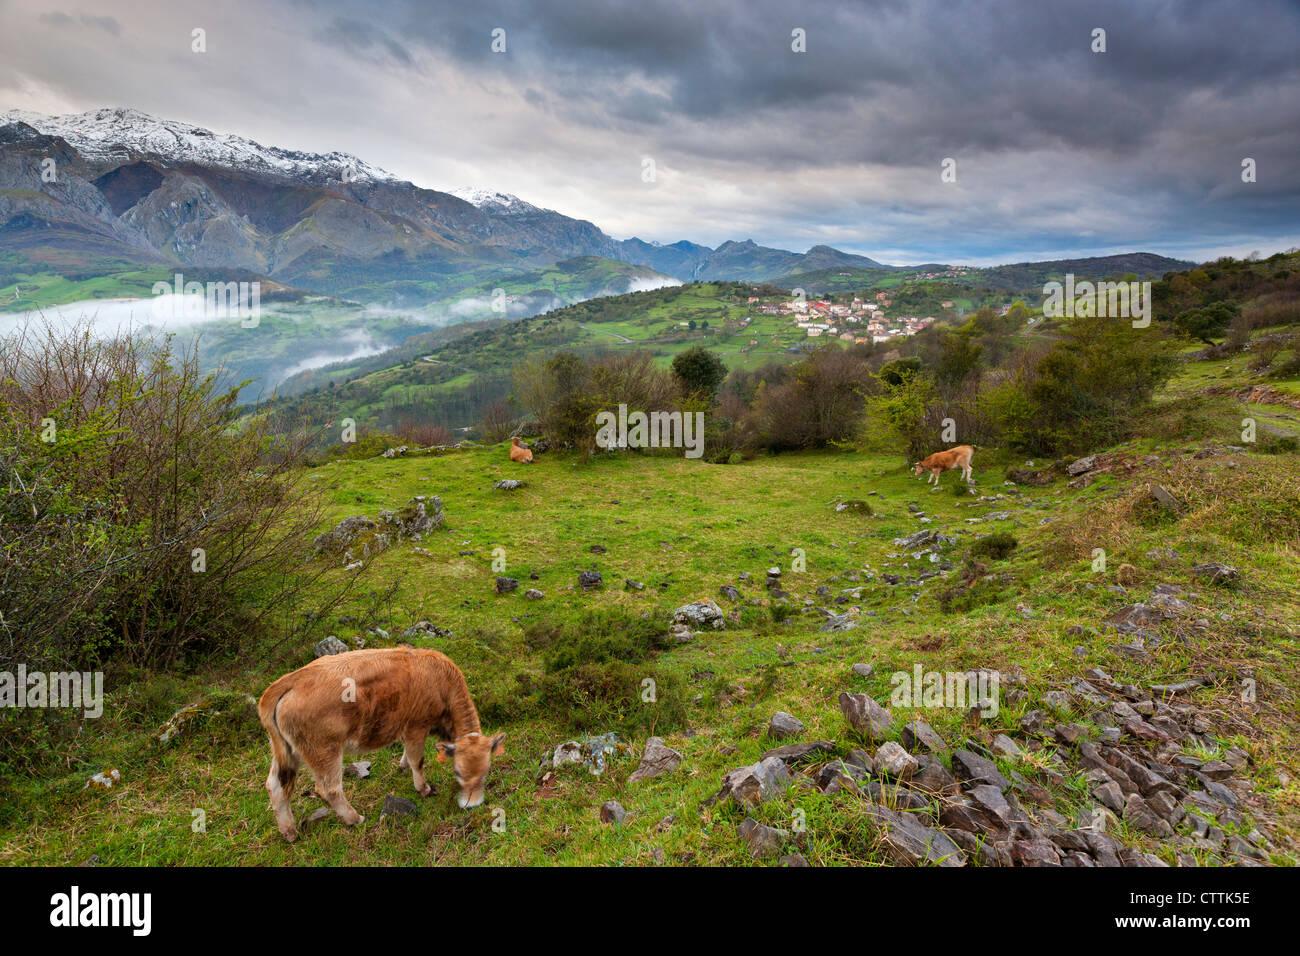 Una vista sul Parco Nazionale Picos de Europa dal nord, vicino a Mirador Pedro Udaondo, Asturias Immagini Stock